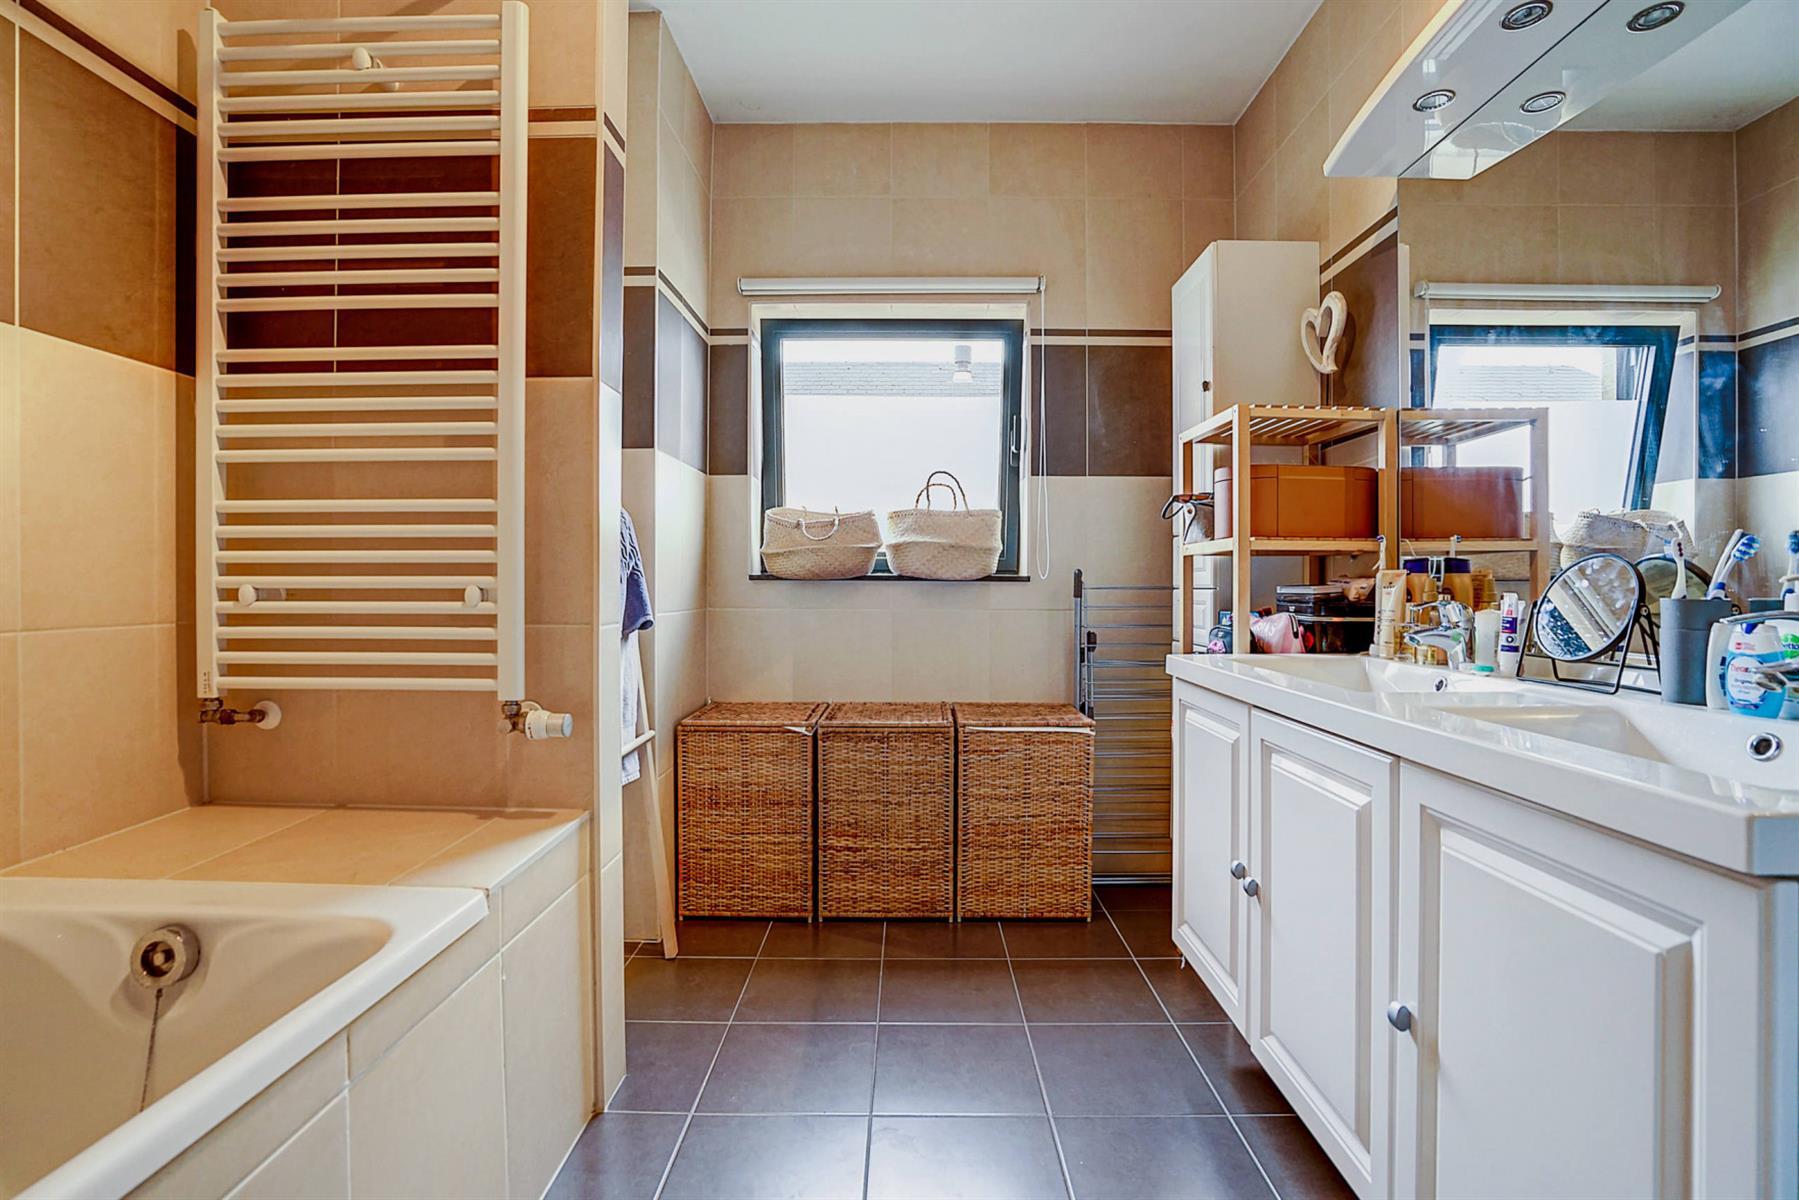 Appartement - Ottignies-louvain-la-neuve - #4505964-19